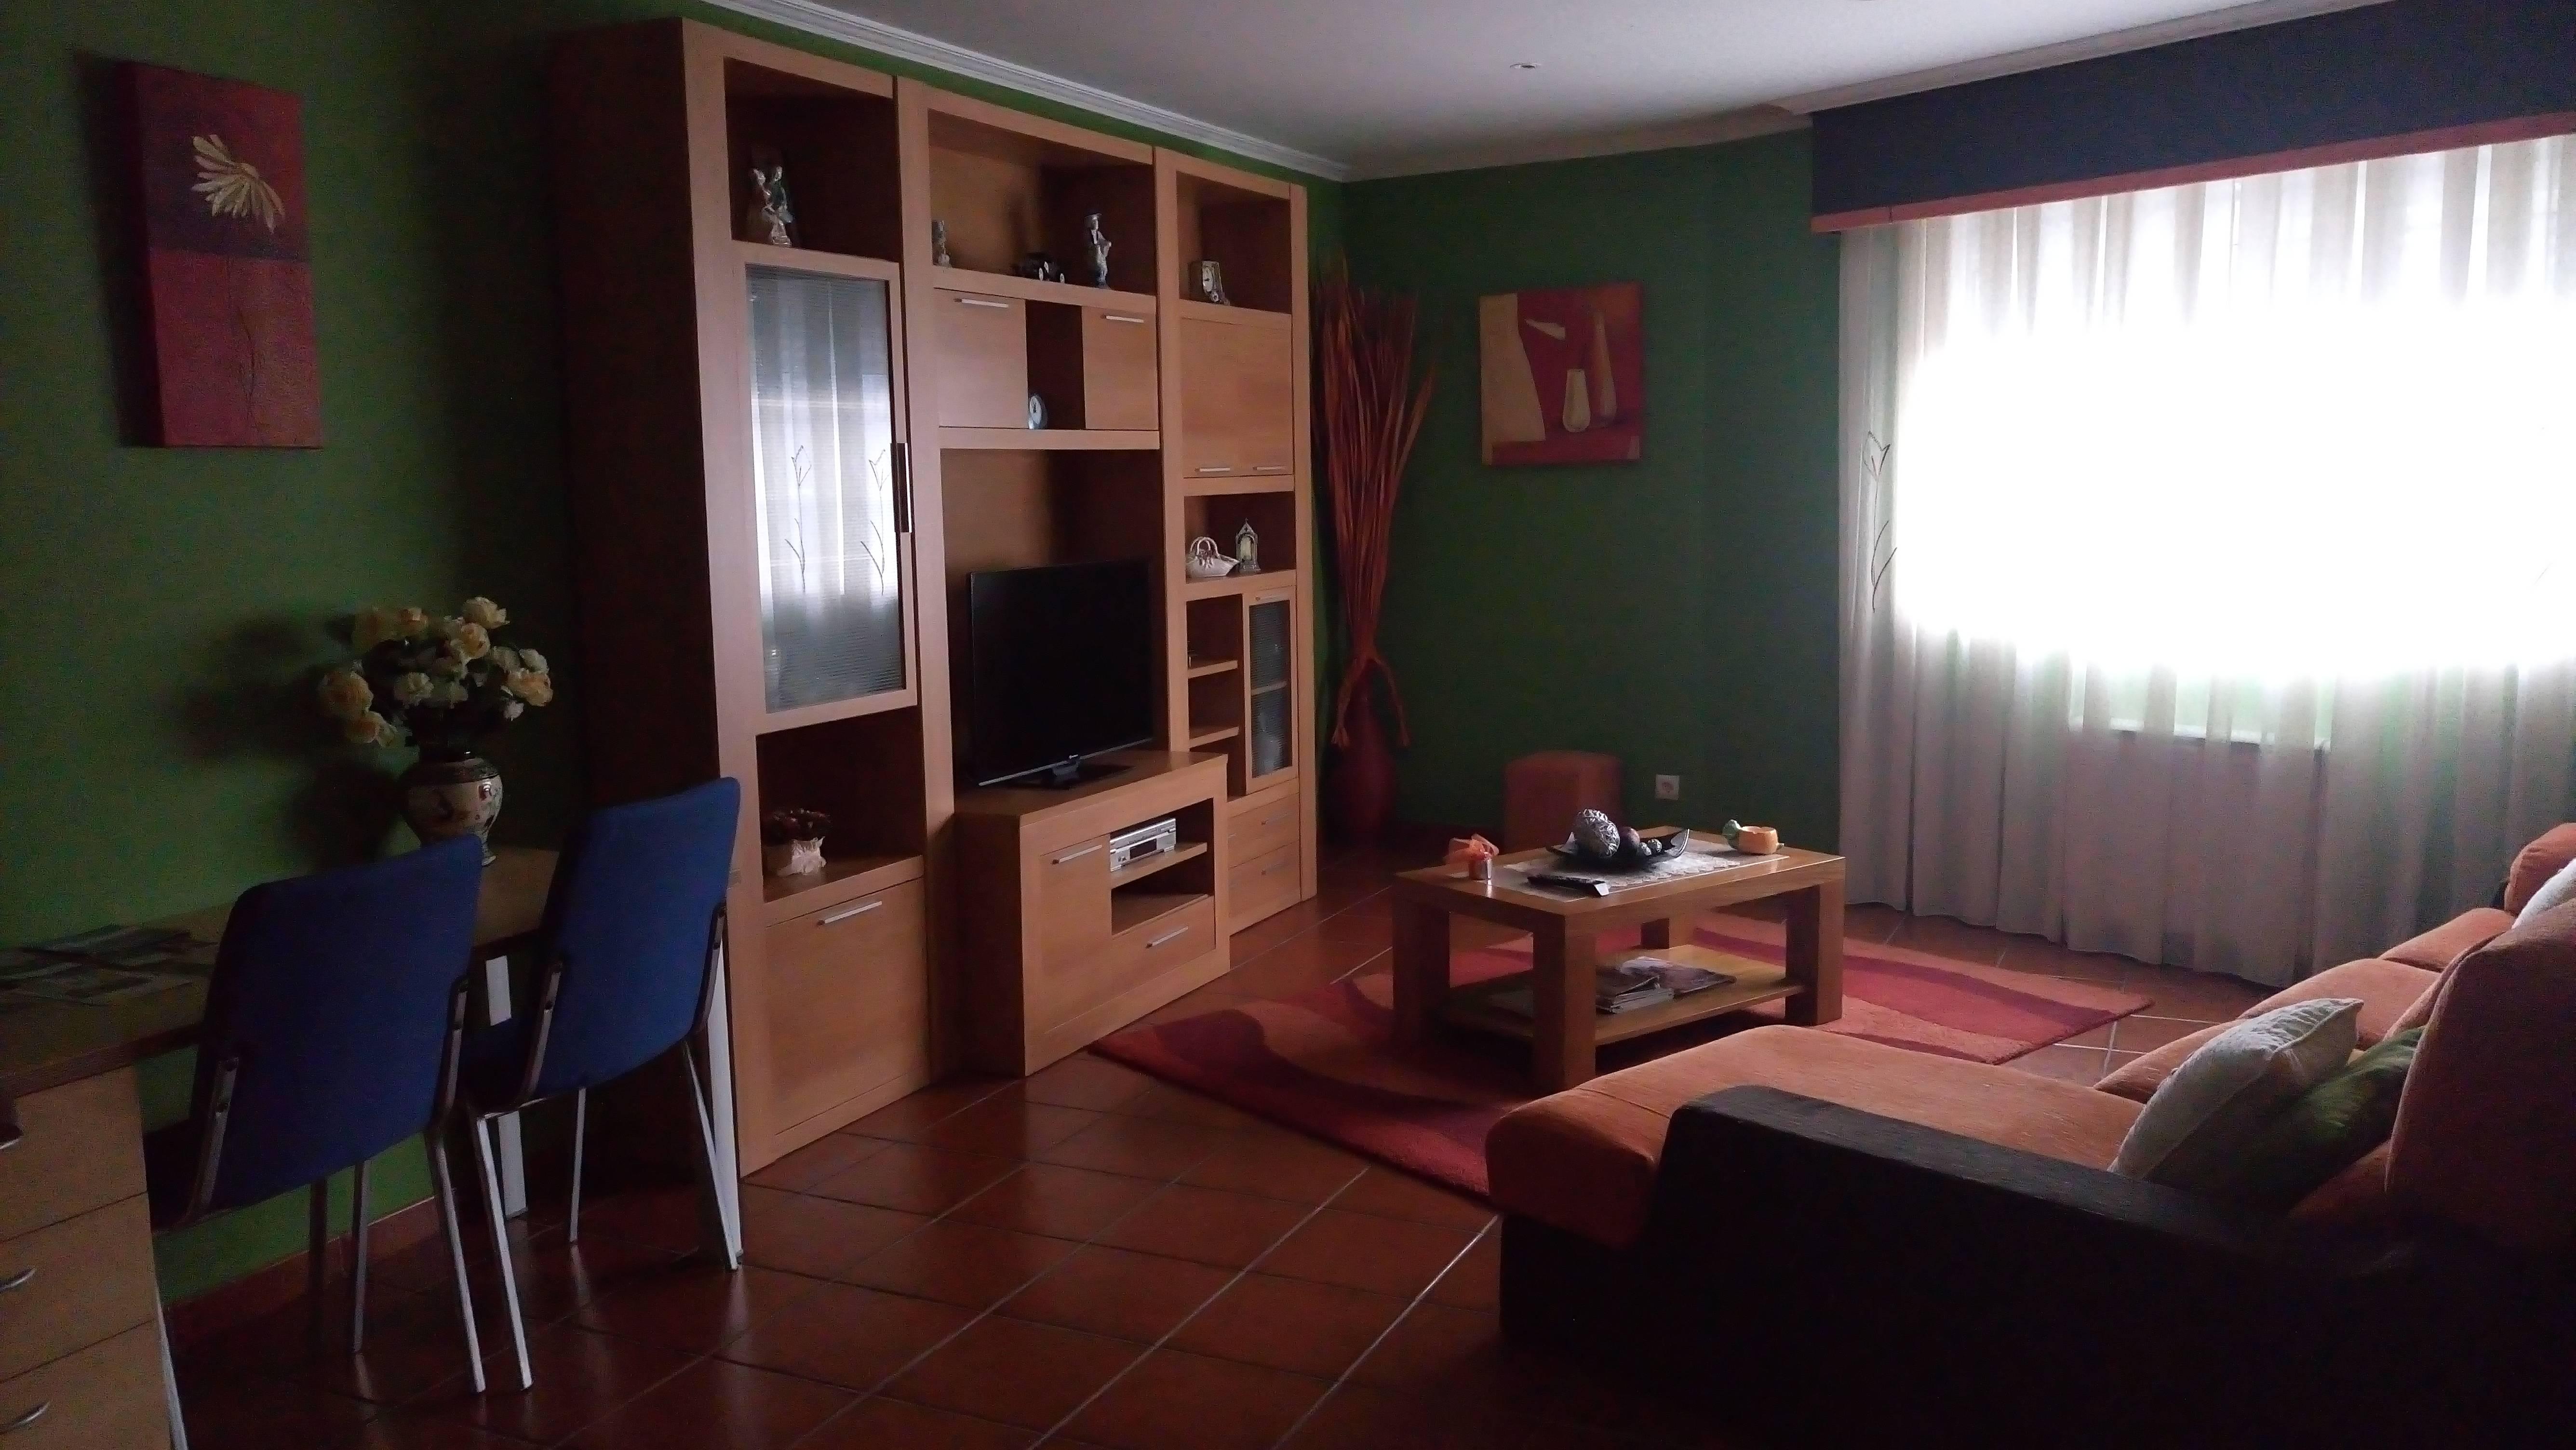 Alquiler vacaciones, apartamentos y casas rurales en Camariñas - A ...